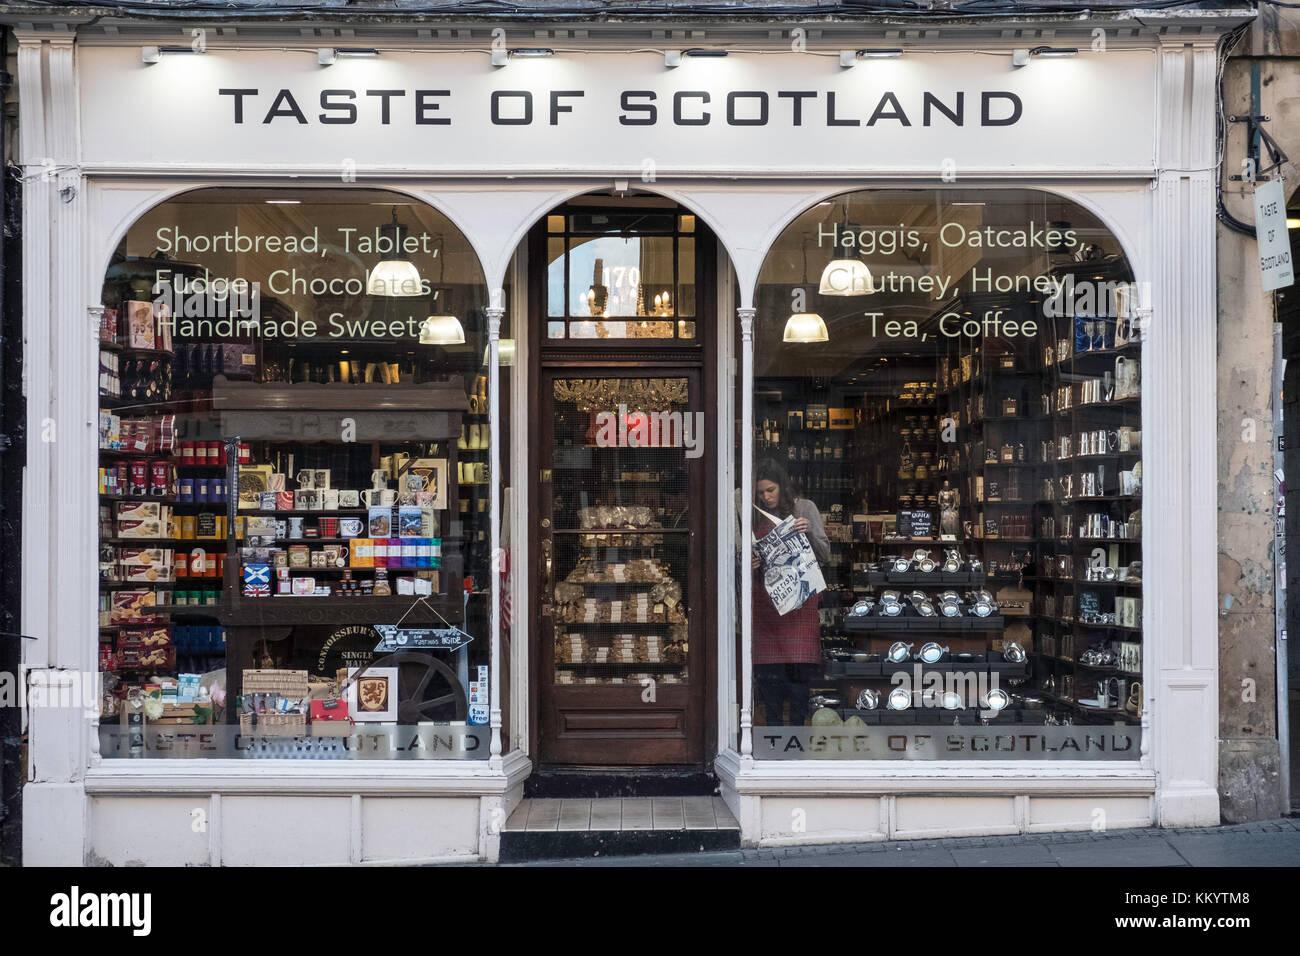 Le goût de l'Ecosse boutique vendant de la nourriture et autres produits fabriqués en Ecosse, dans Photo Stock